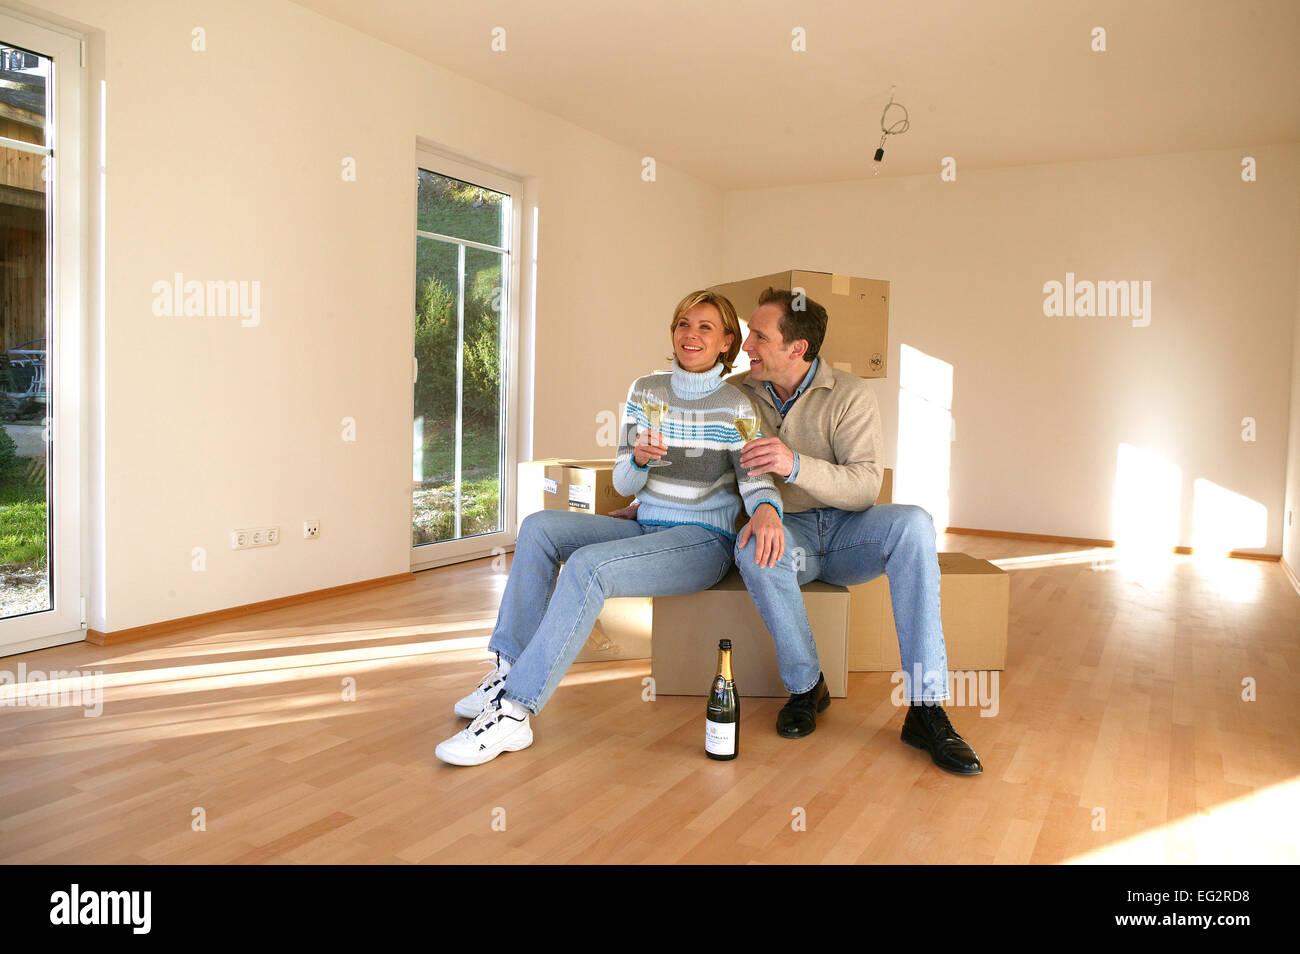 Elegantes Interieur Wohnung Renovierung London Awesome Elegantes ...